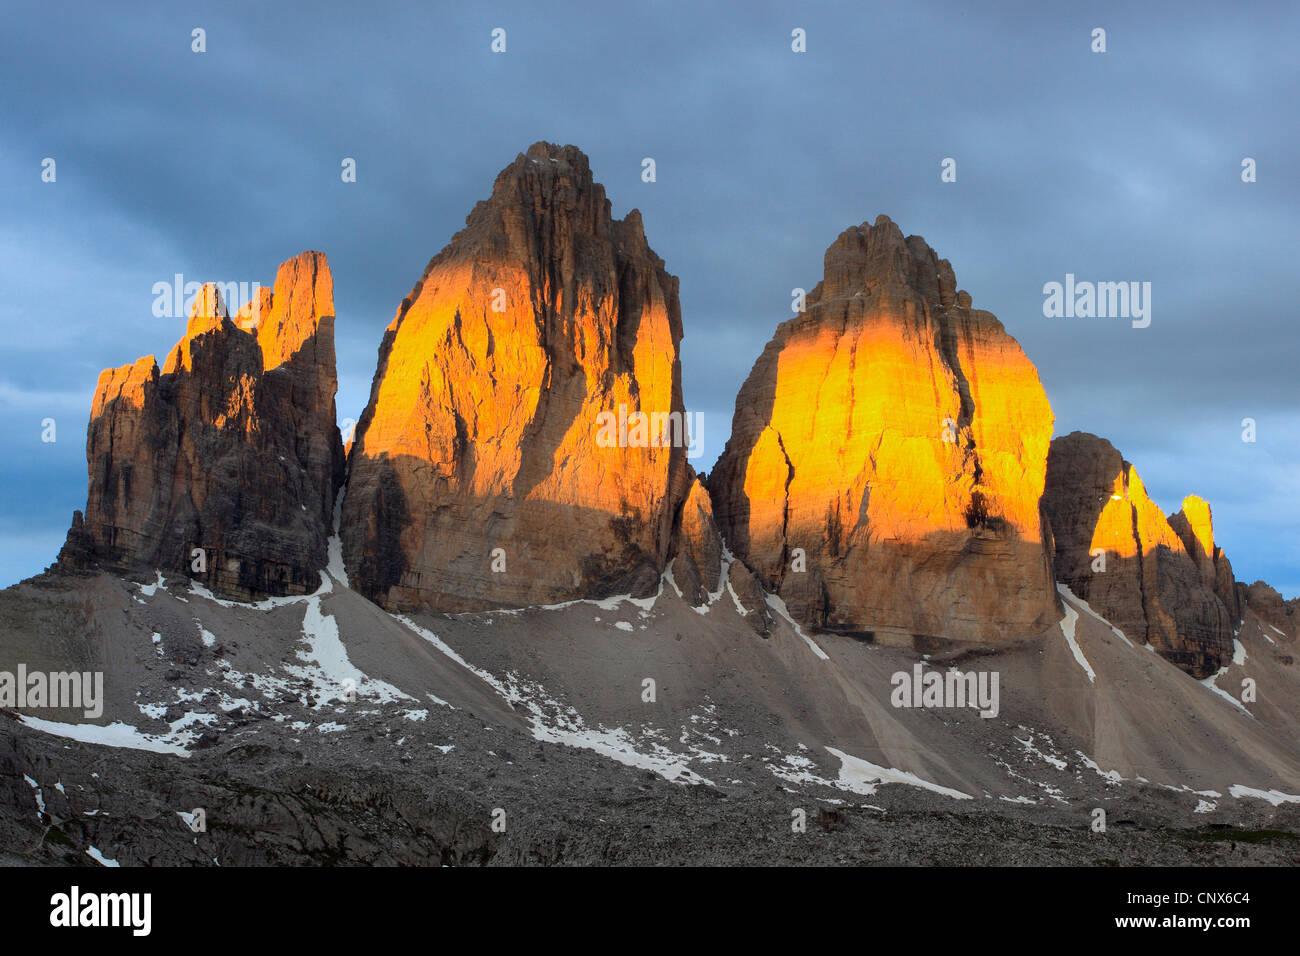 Die Tre Cime di Lavaredo im Morgenlicht, Italien, Südtirol, Dolomiten Stockbild